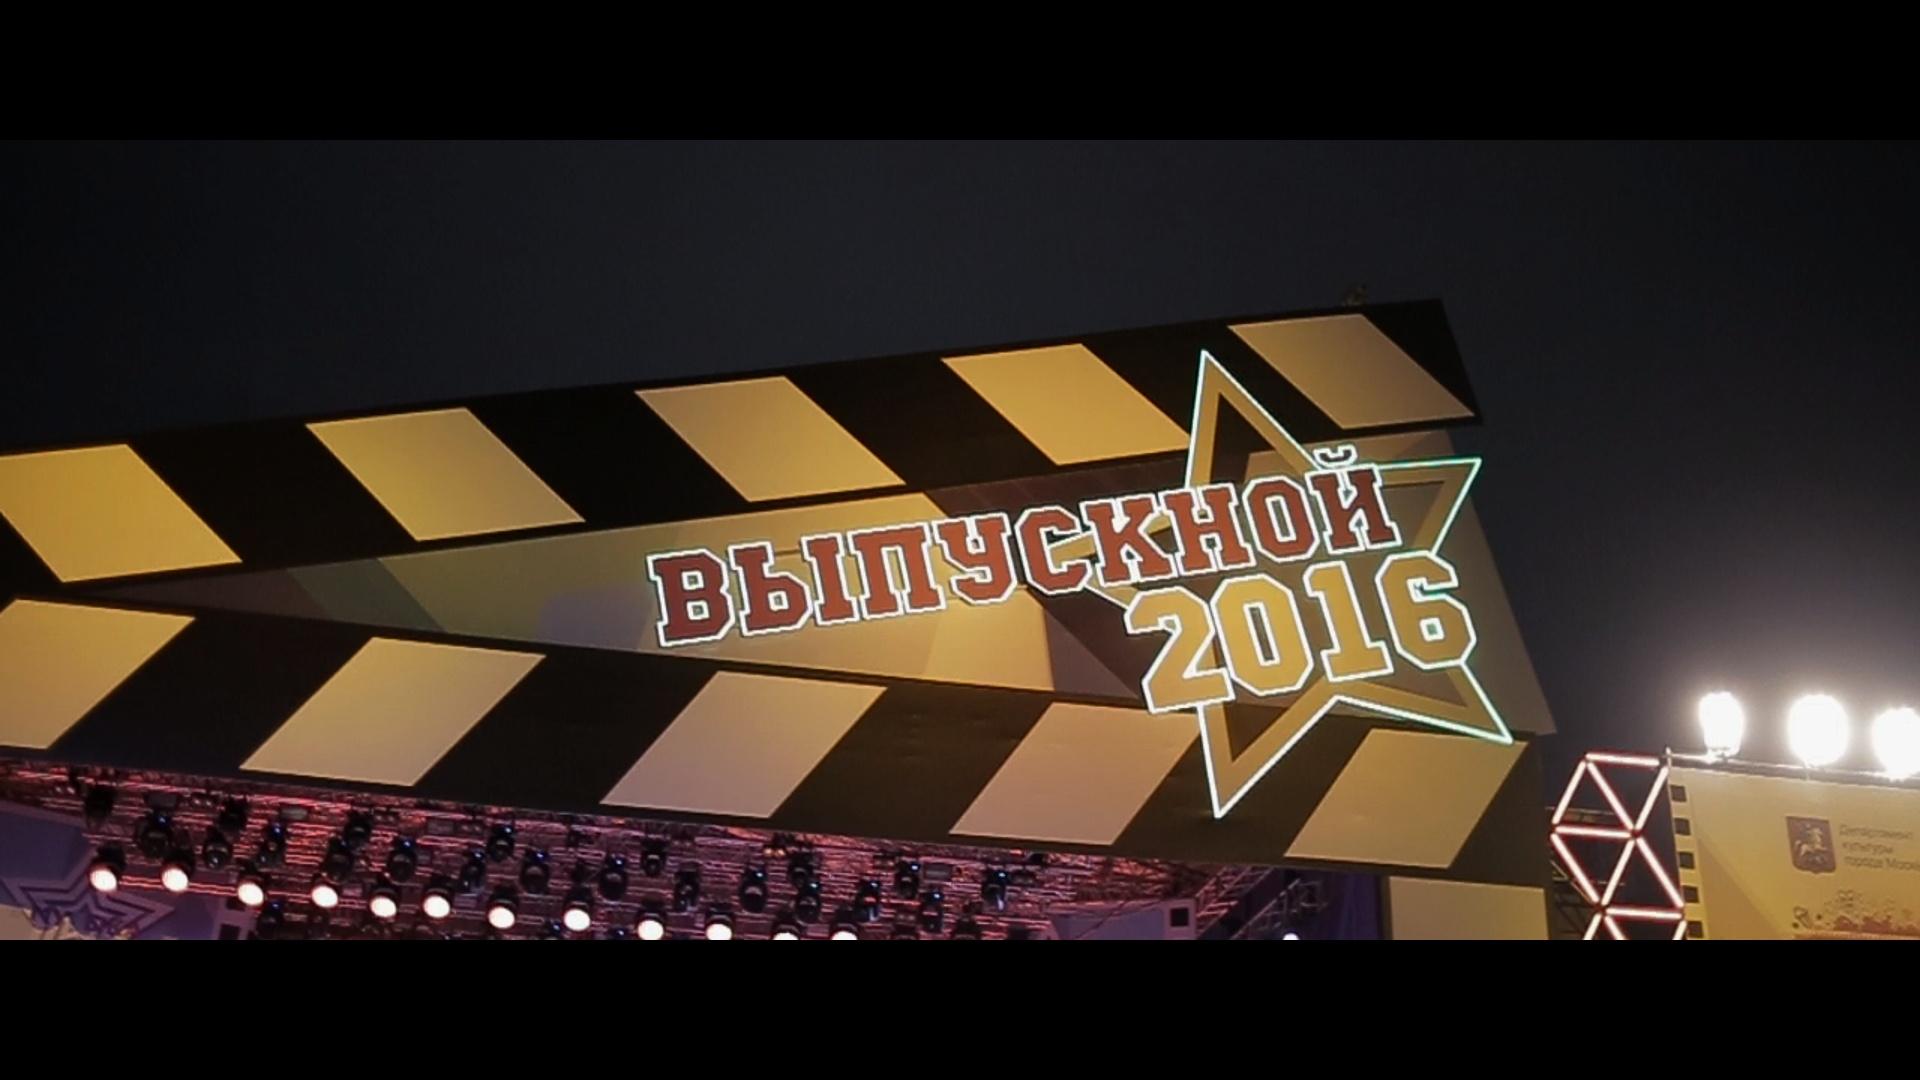 Фотодневник. Классный позитивный Выпускной 2016